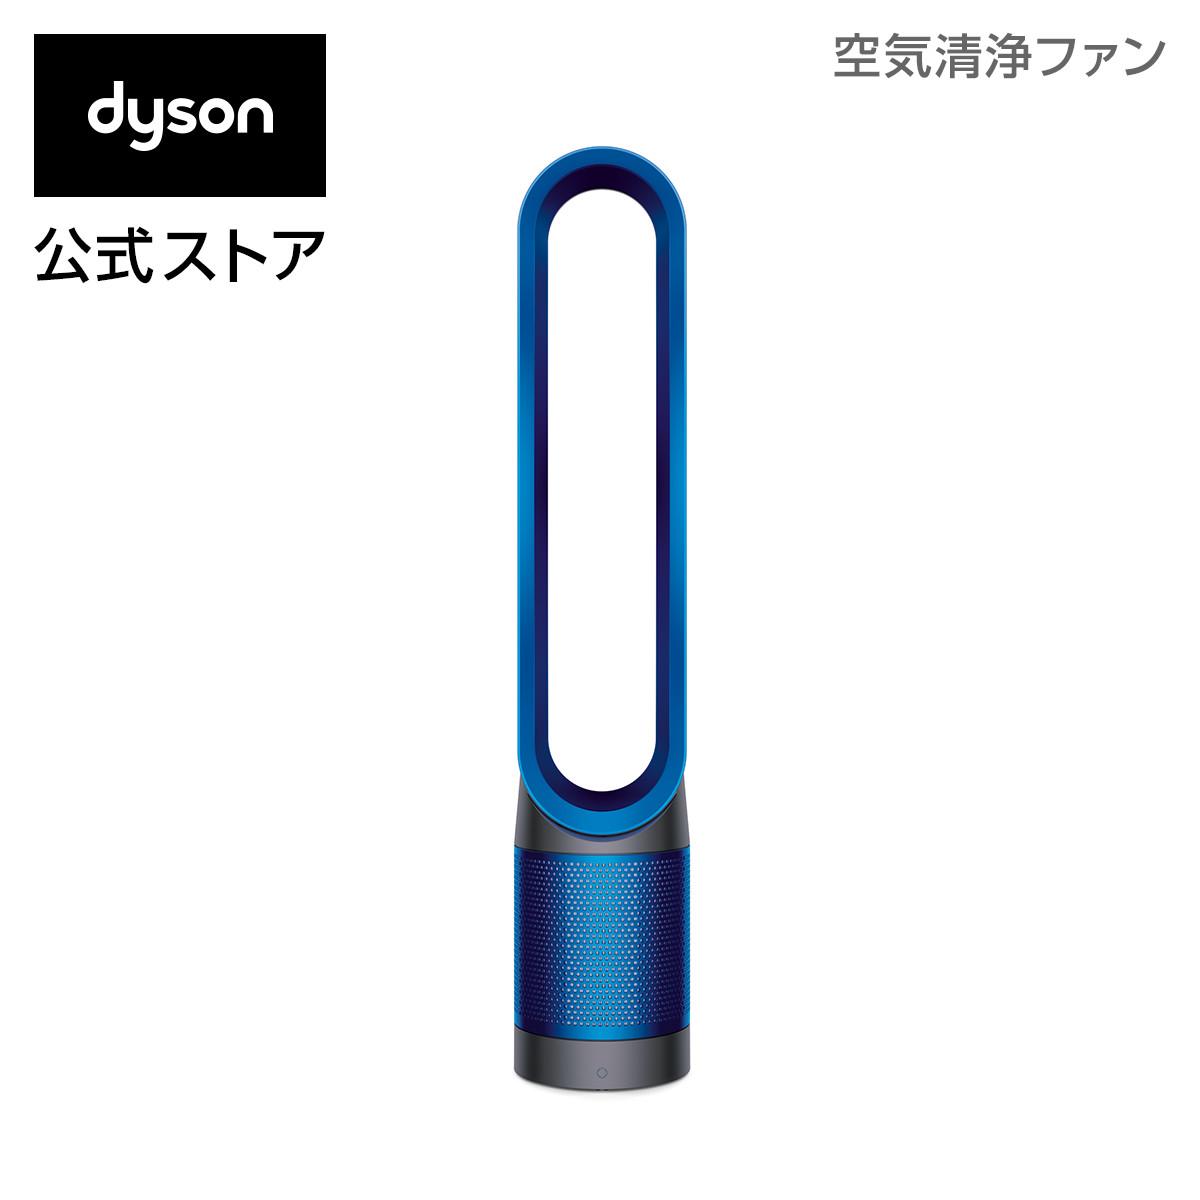 2017年モデル【送料無料】Dyson ダイソン ピュアクール dyson [TP00IB] ダイソン Dyson Pure Cool 空気清浄機能付ファン 扇風機 TP00 IB アイアン/サテンブルー